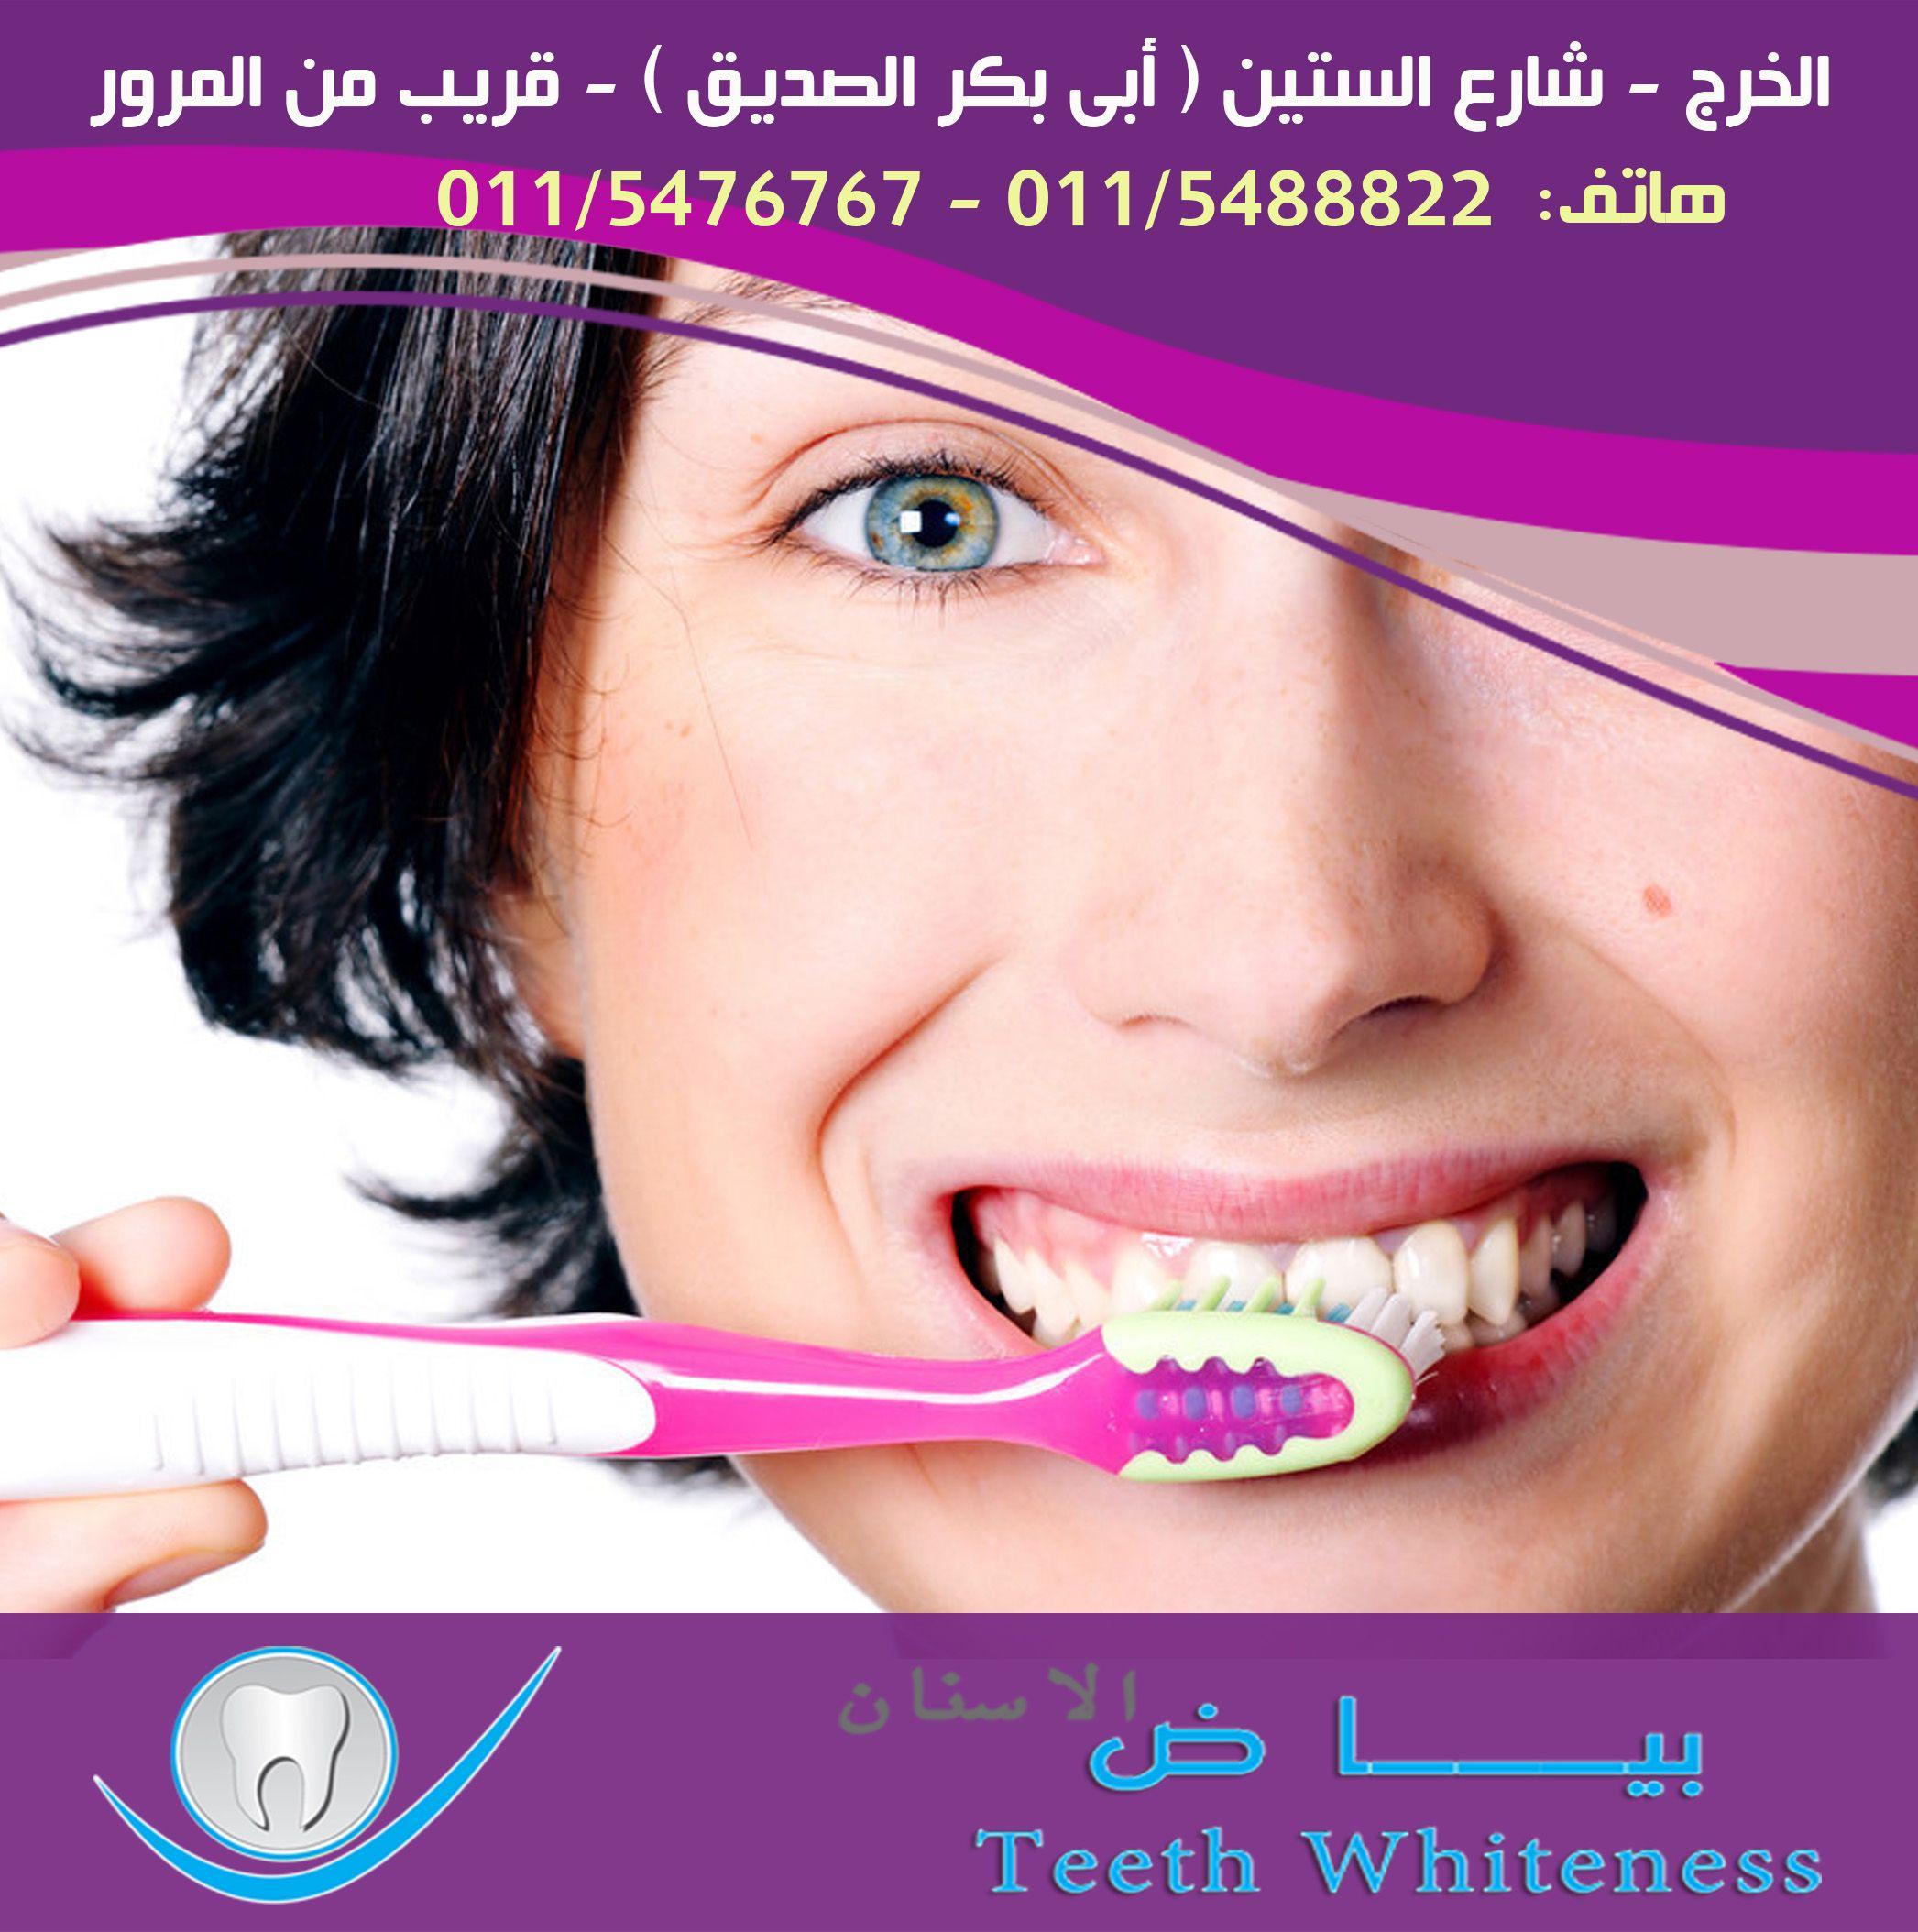 المراحل العمرية لظهور الأسنان الدائمة الضرس الأول 6 7 سنوات القاطع المركزي من 7 8 سنوات القاطع الجانبي من 8 9 سنوات الناجذ ال Septum Ring Nose Ring